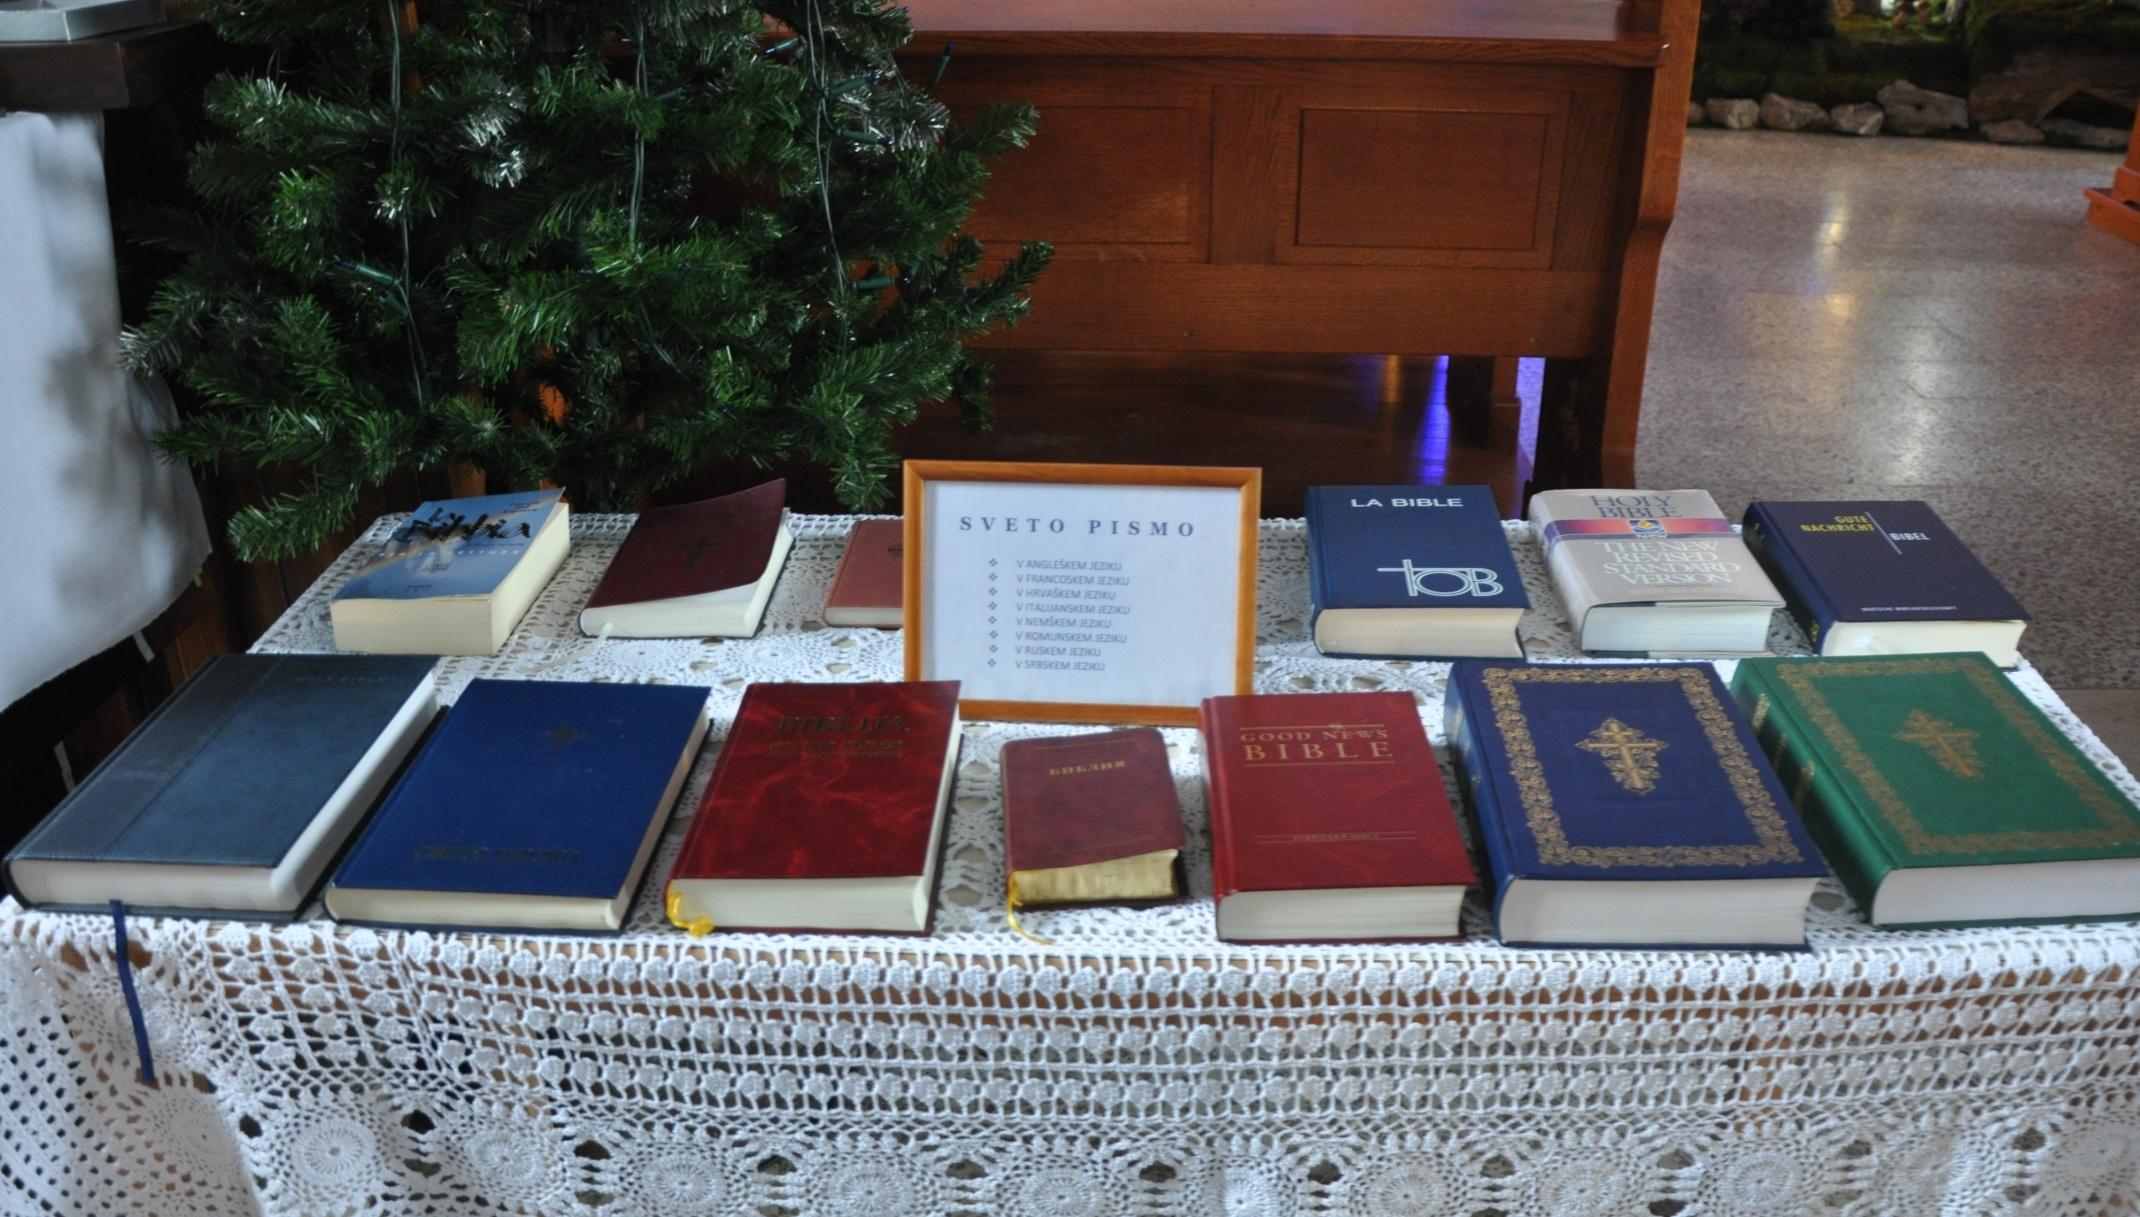 SVETO PISMO V TUJIH JEZIKIH: V ANGLEŠKEM, FRANCOSKEM,  HRVAŠKEM, ITALIJANSKEM, NEMŠKEM, ROMUNSKEM, RUSKEM  IN SRBSKEM JEZIKU